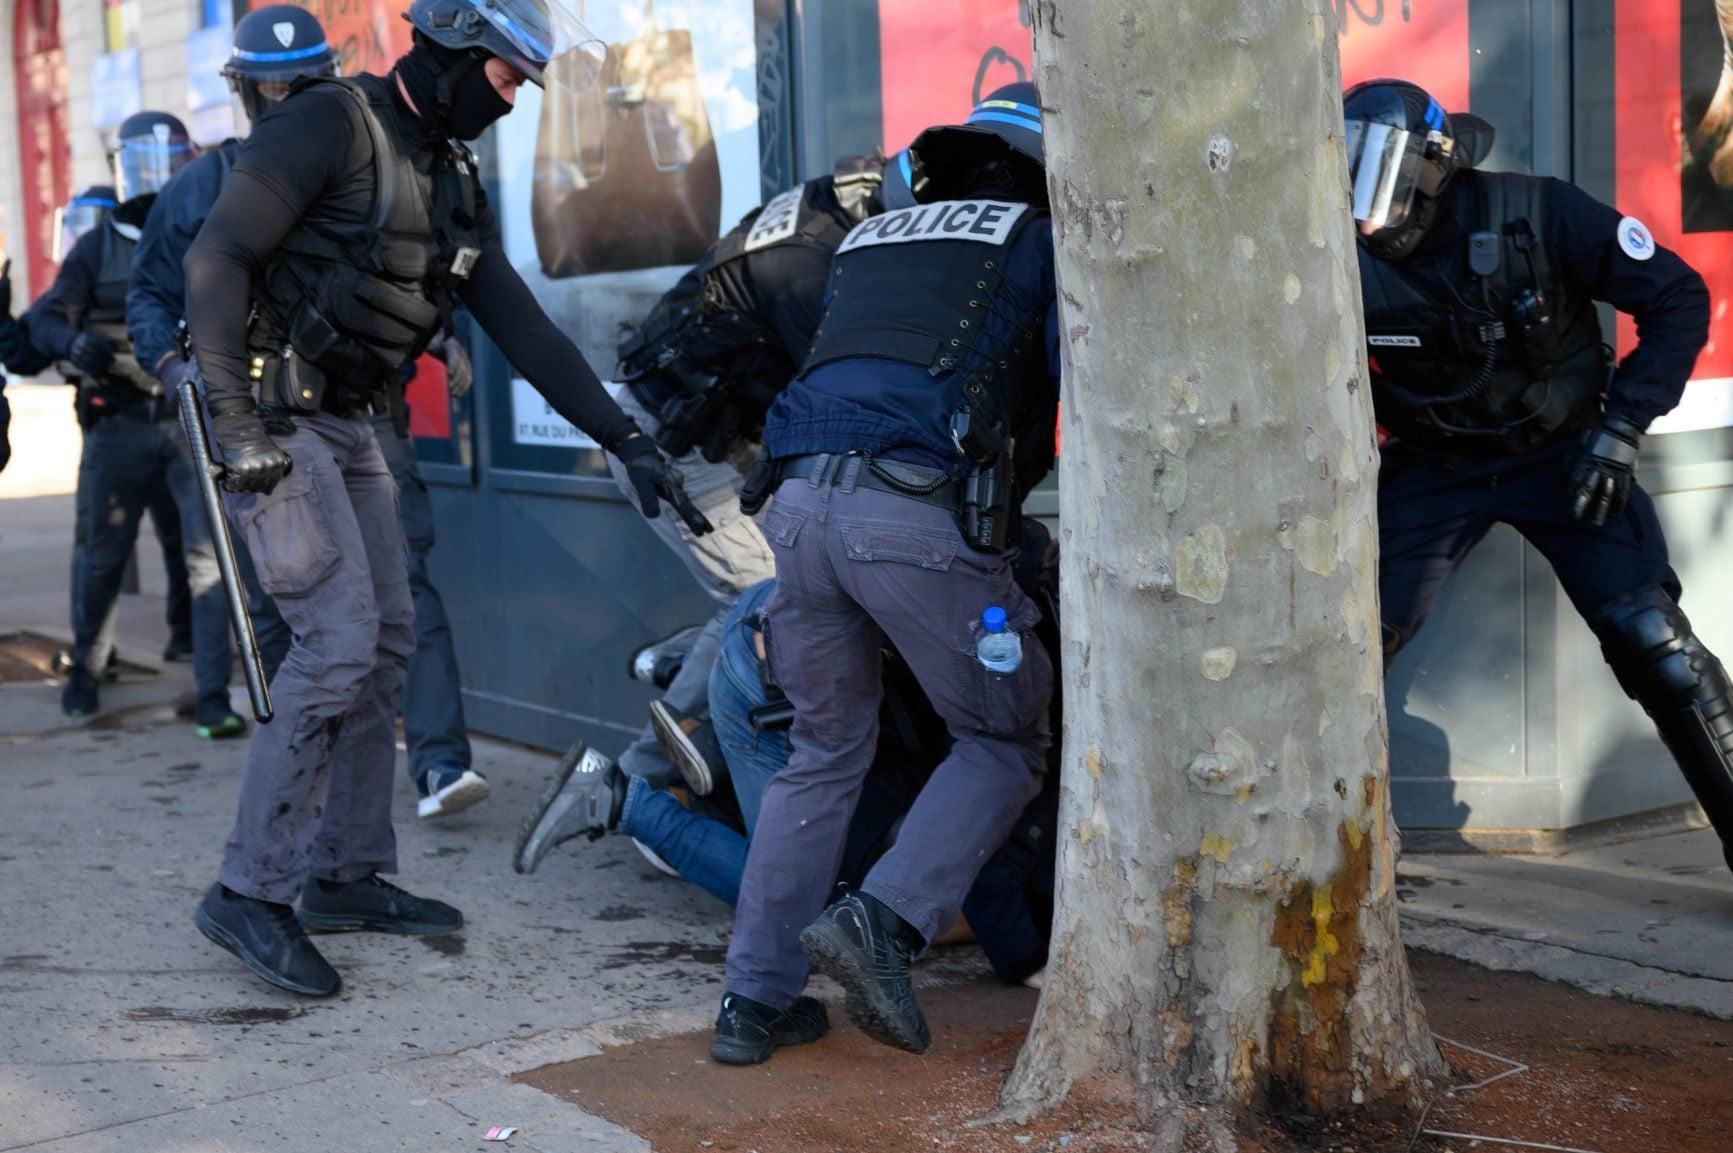 Arthur battu par des CRS entre le kiosque à journaux et un arbre de la place Bellecour. Crédit : Bastien Doudaine.